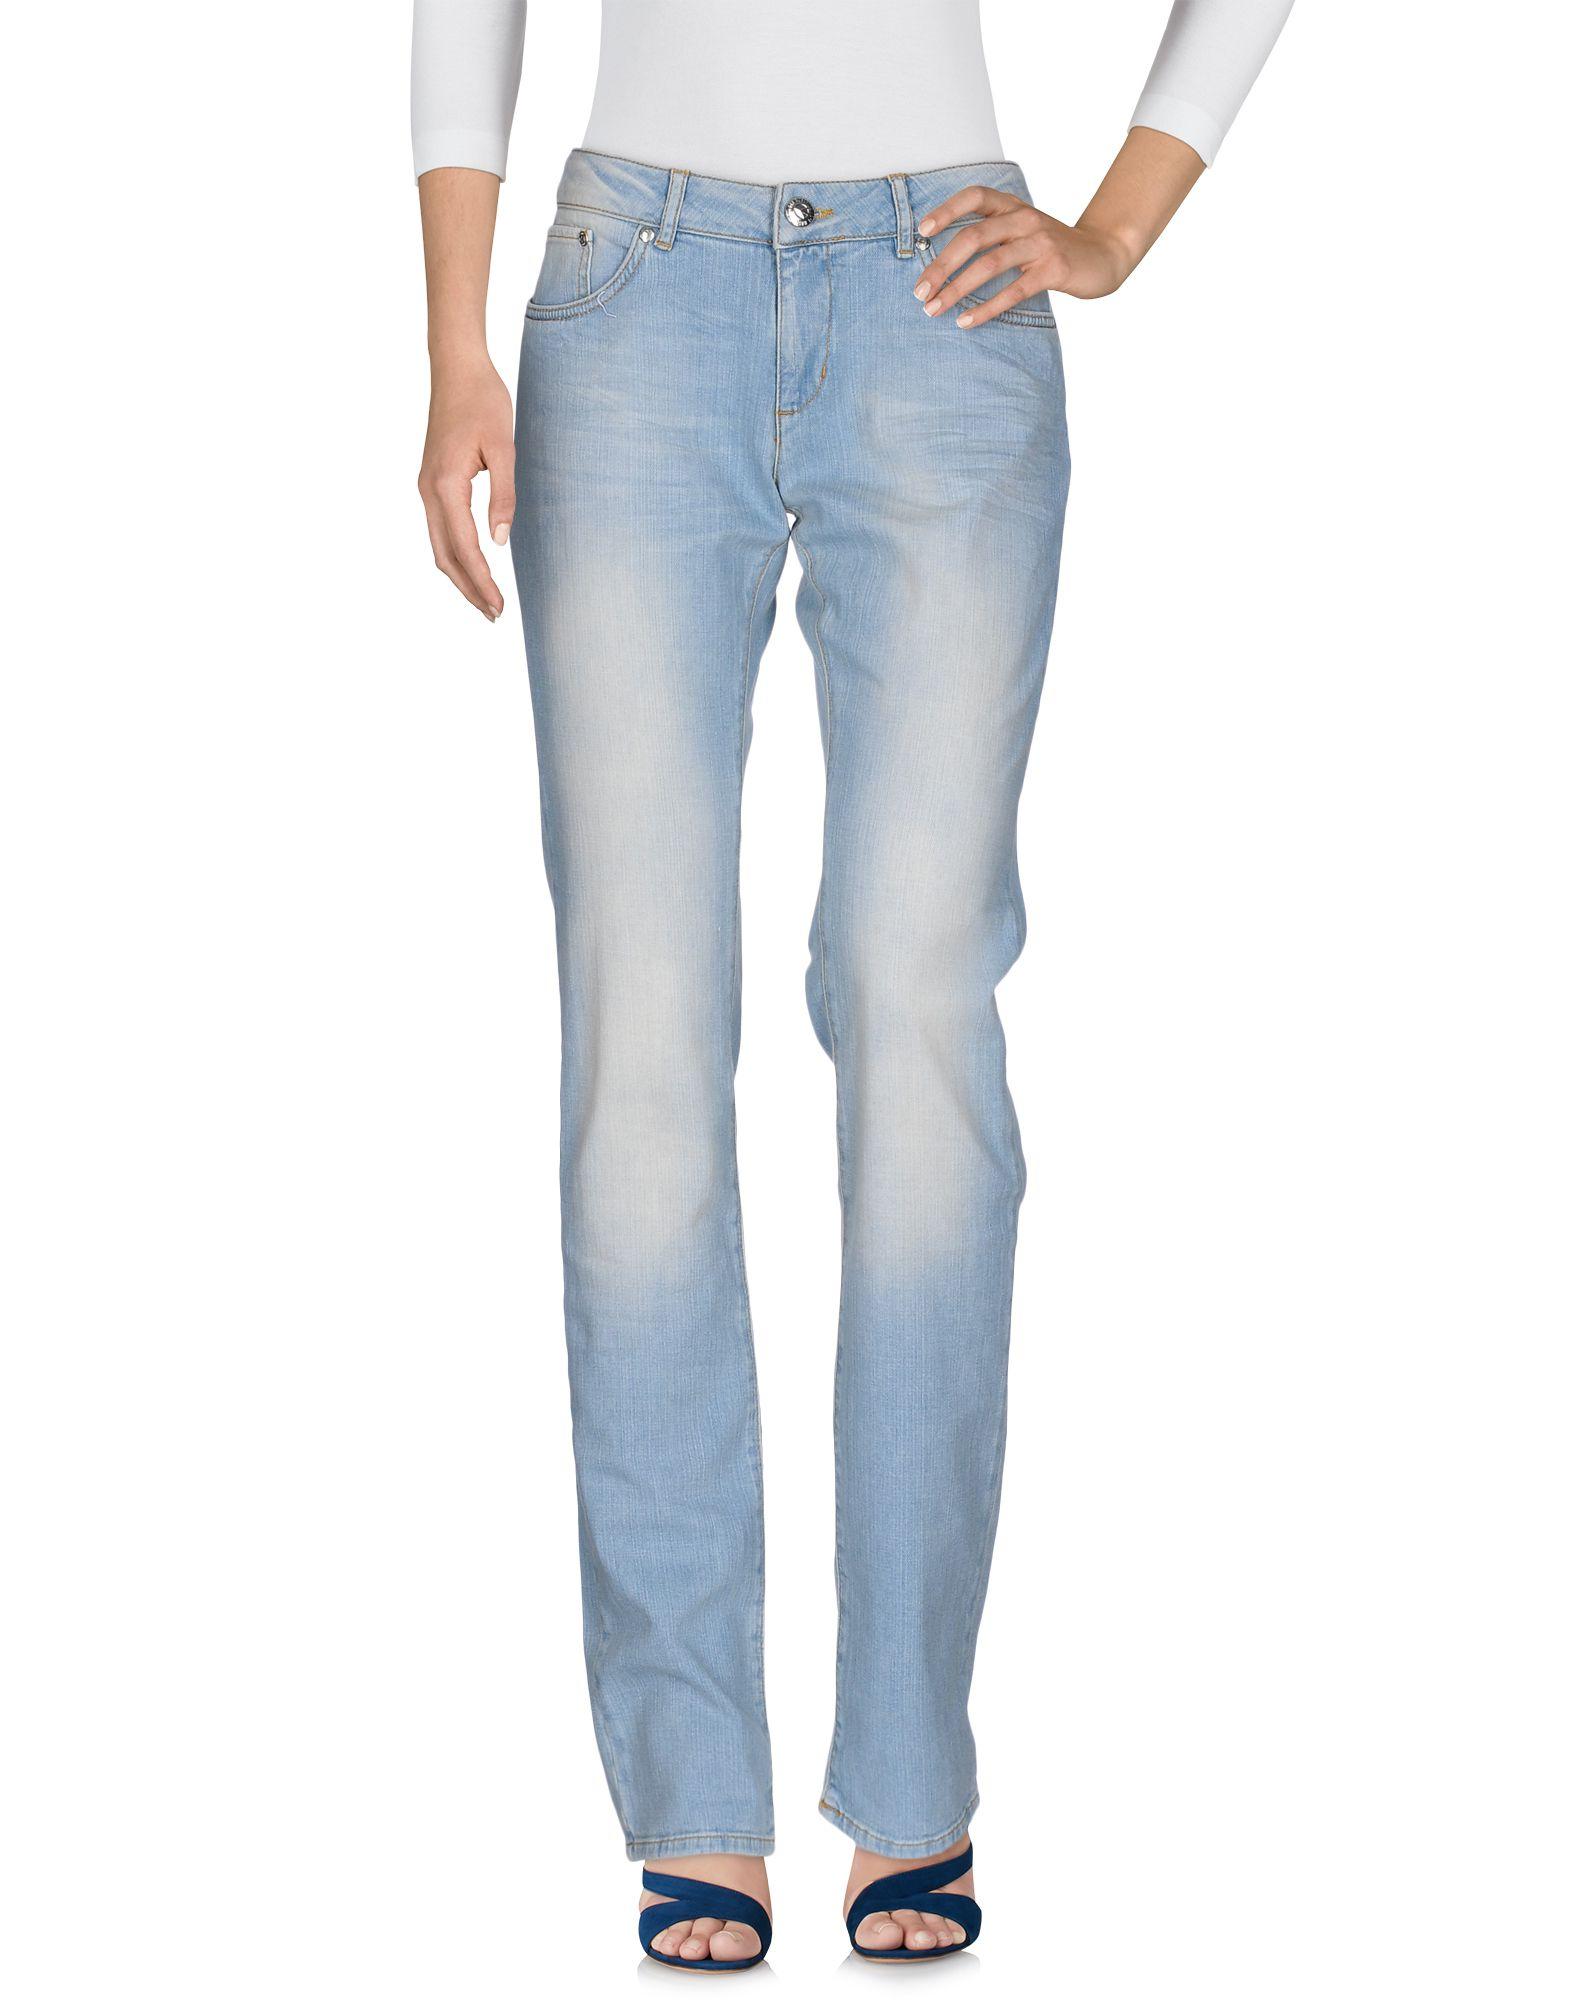 LOVE MOSCHINO Damen Jeanshose Farbe Blau Größe 8 jetztbilligerkaufen